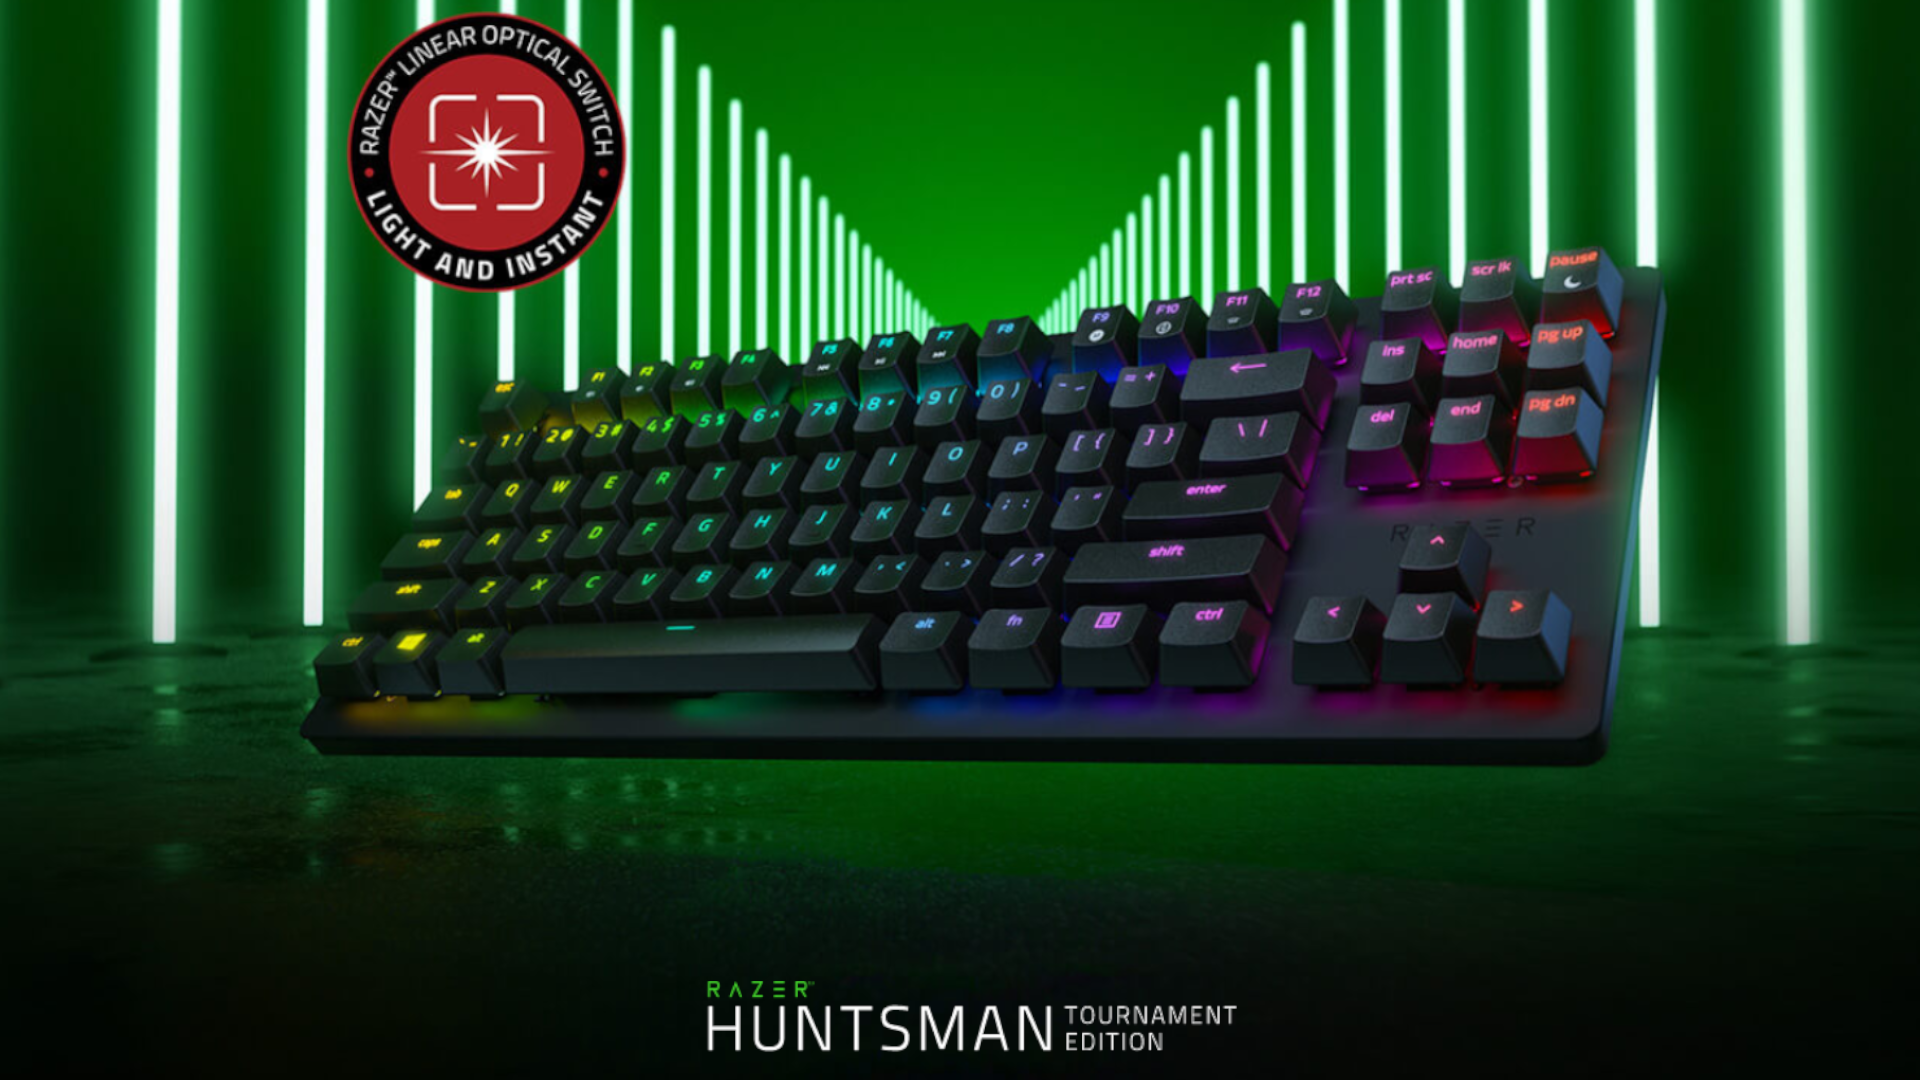 O teclado gamer Razer Huntsman Tournament Óptico promete resposta instantânea e durabilidade (Foto: Divulgação/Razer)